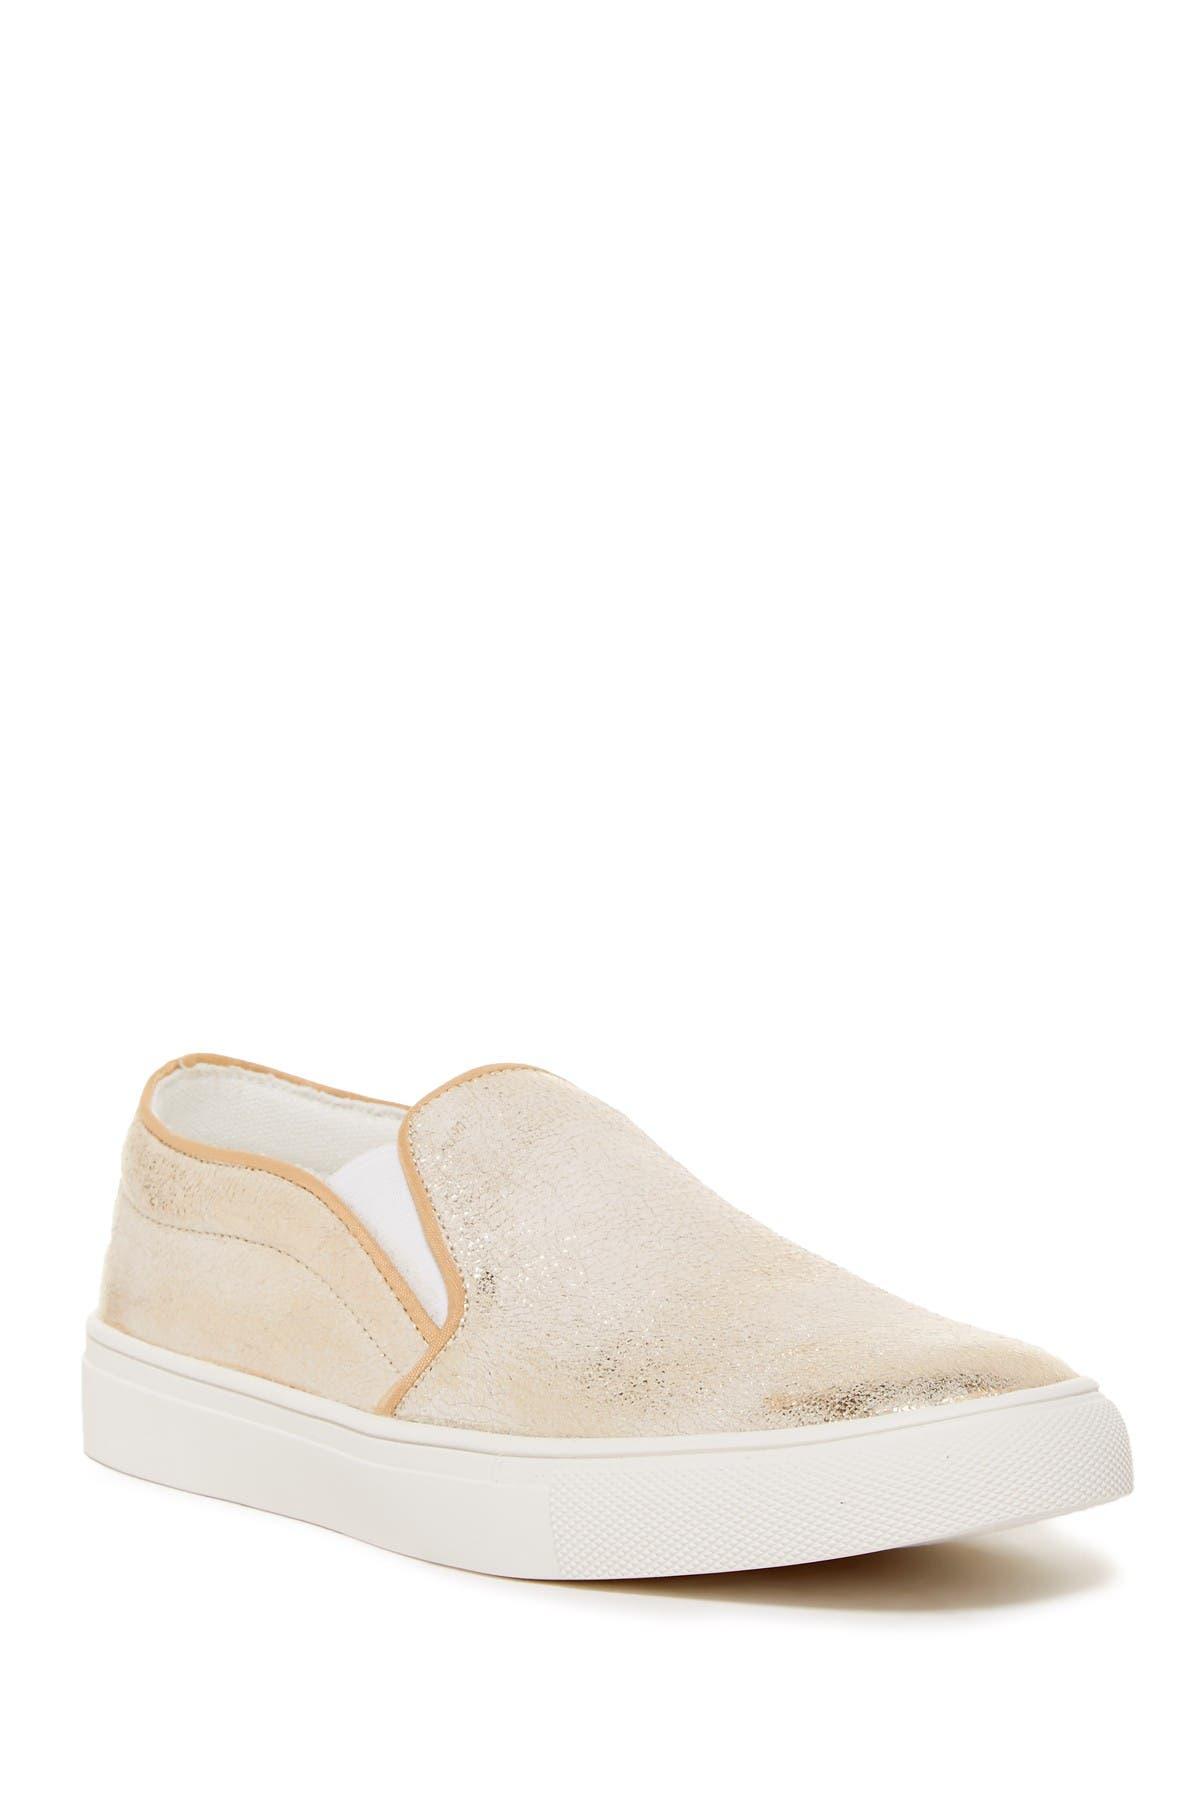 Image of Report Arnell Slip-On Sneaker